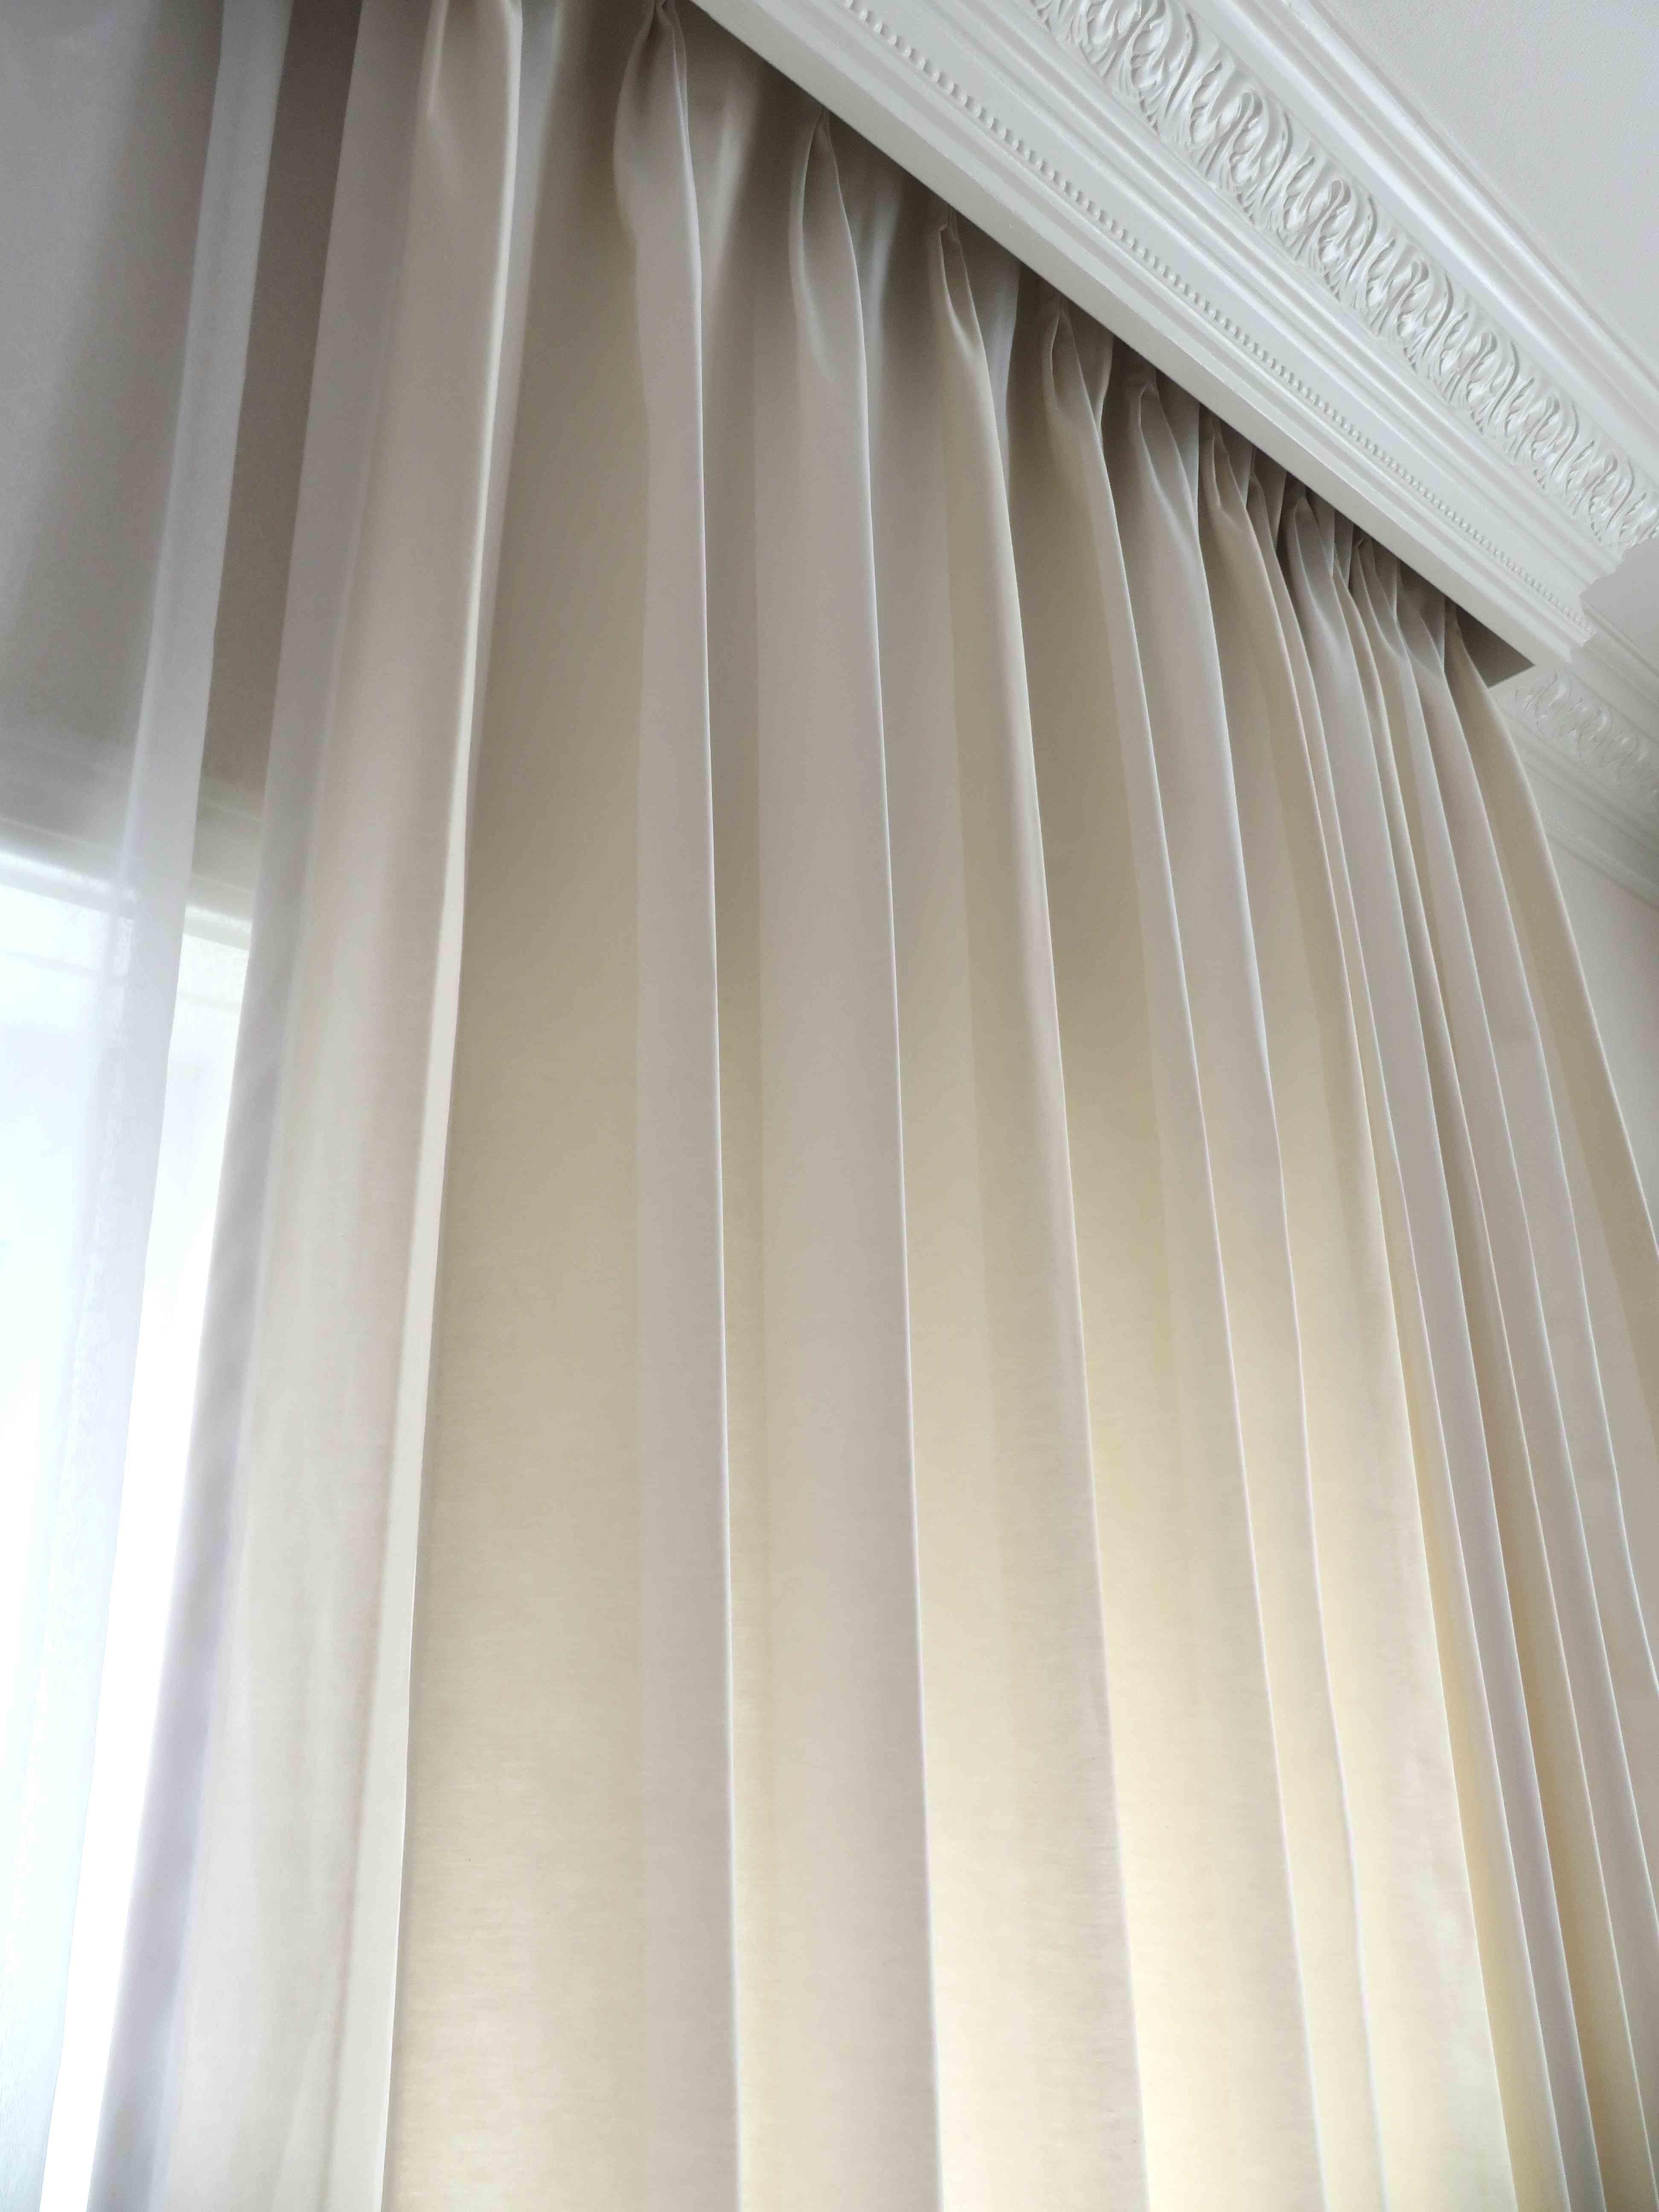 ドイツのカーテン『JAB』 モリス正規販売店のブライト_c0157866_18021034.jpg